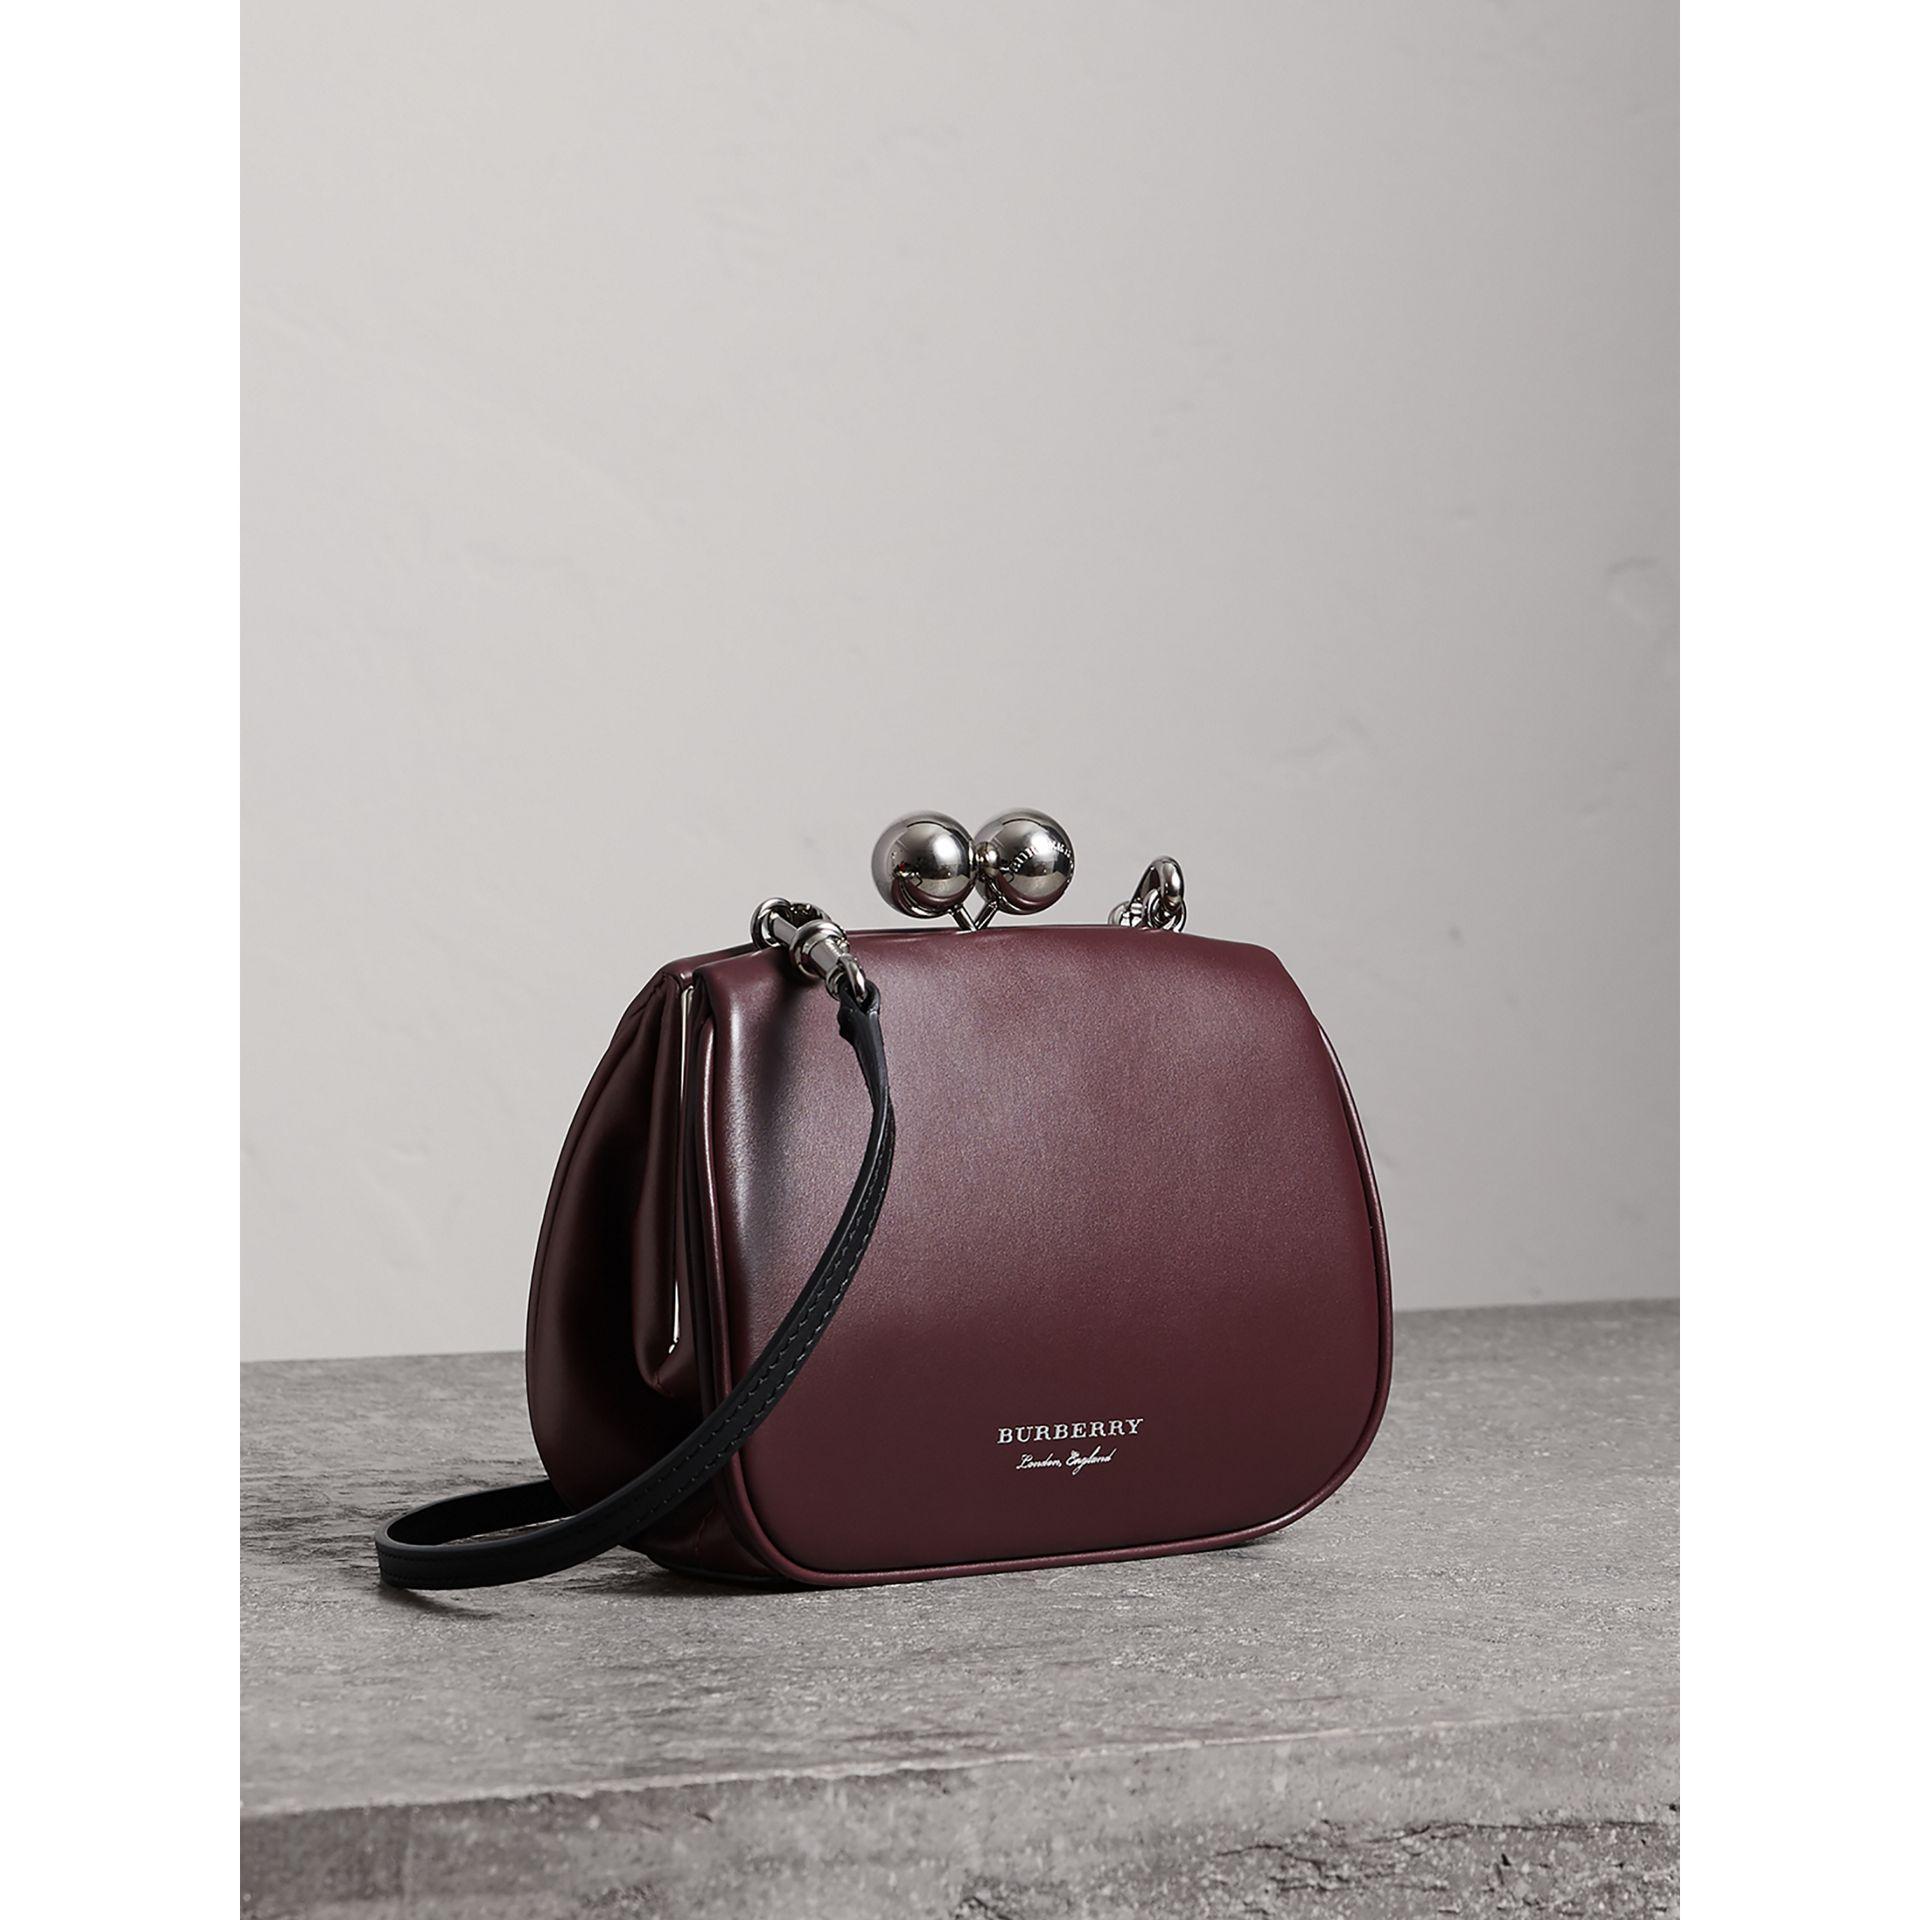 8252edb411ba Burberry - Multicolor Small Leather Frame Bag - Lyst